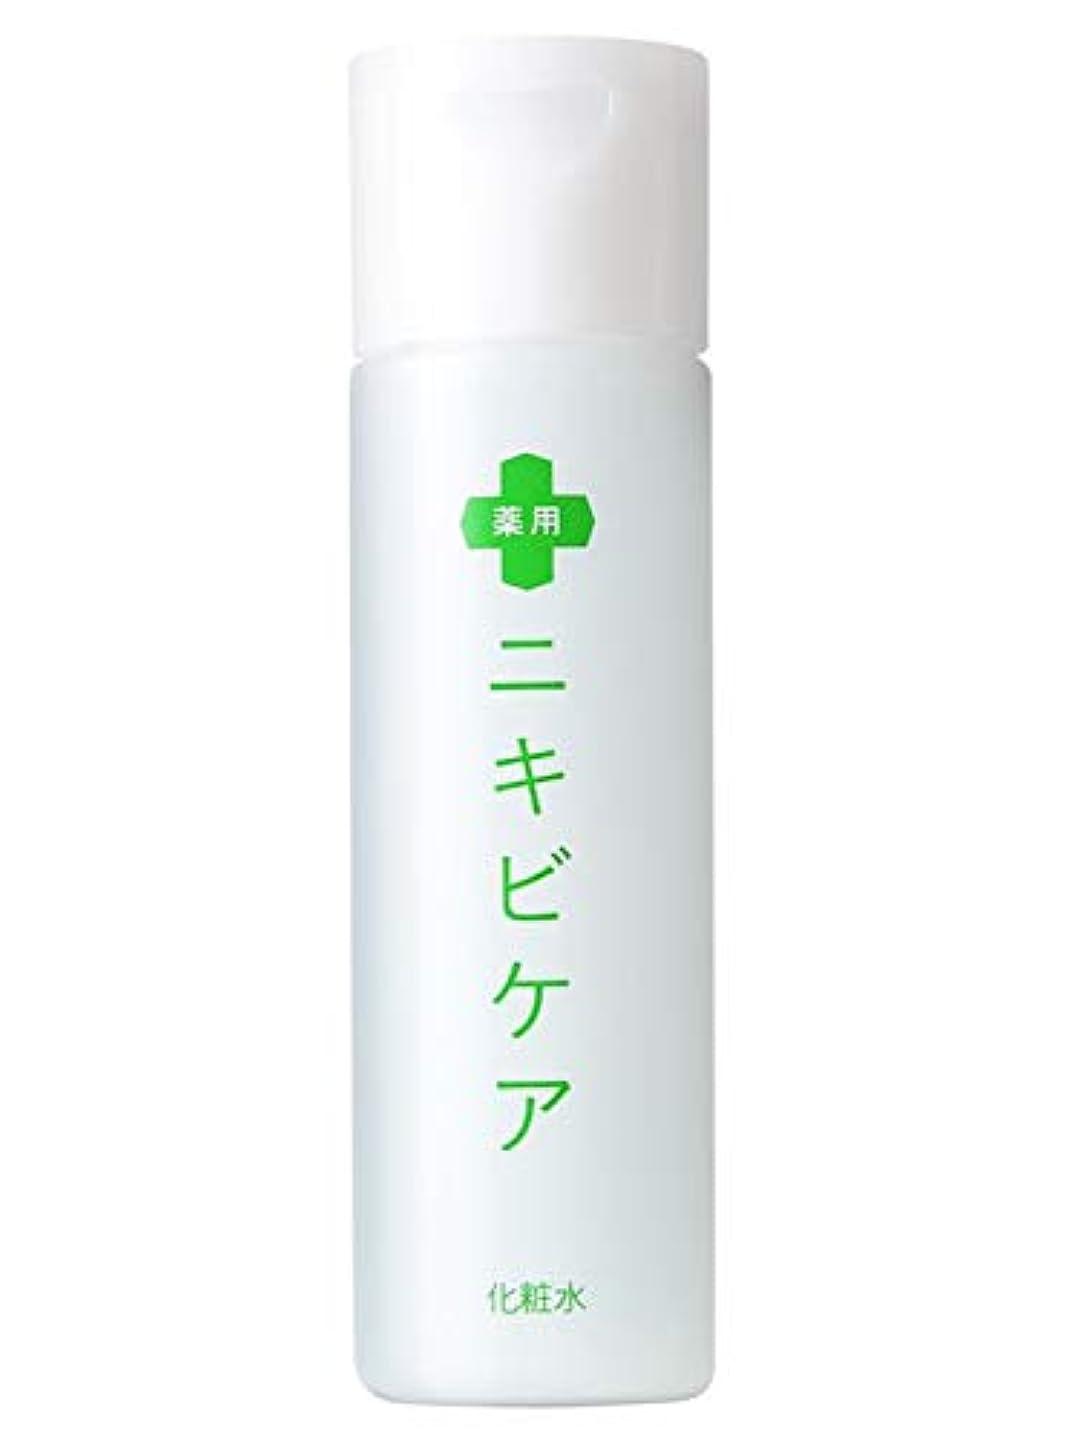 ワードローブたくさん配当医薬部外品 薬用 ニキビケア 化粧水 大人ニキビ 予防「 あご おでこ 鼻 ニキビ アクネ 対策」「 肌をひきしめサラサラに 」「 コラーゲン プラセンタ 配合 」 メンズ & レディース 120ml